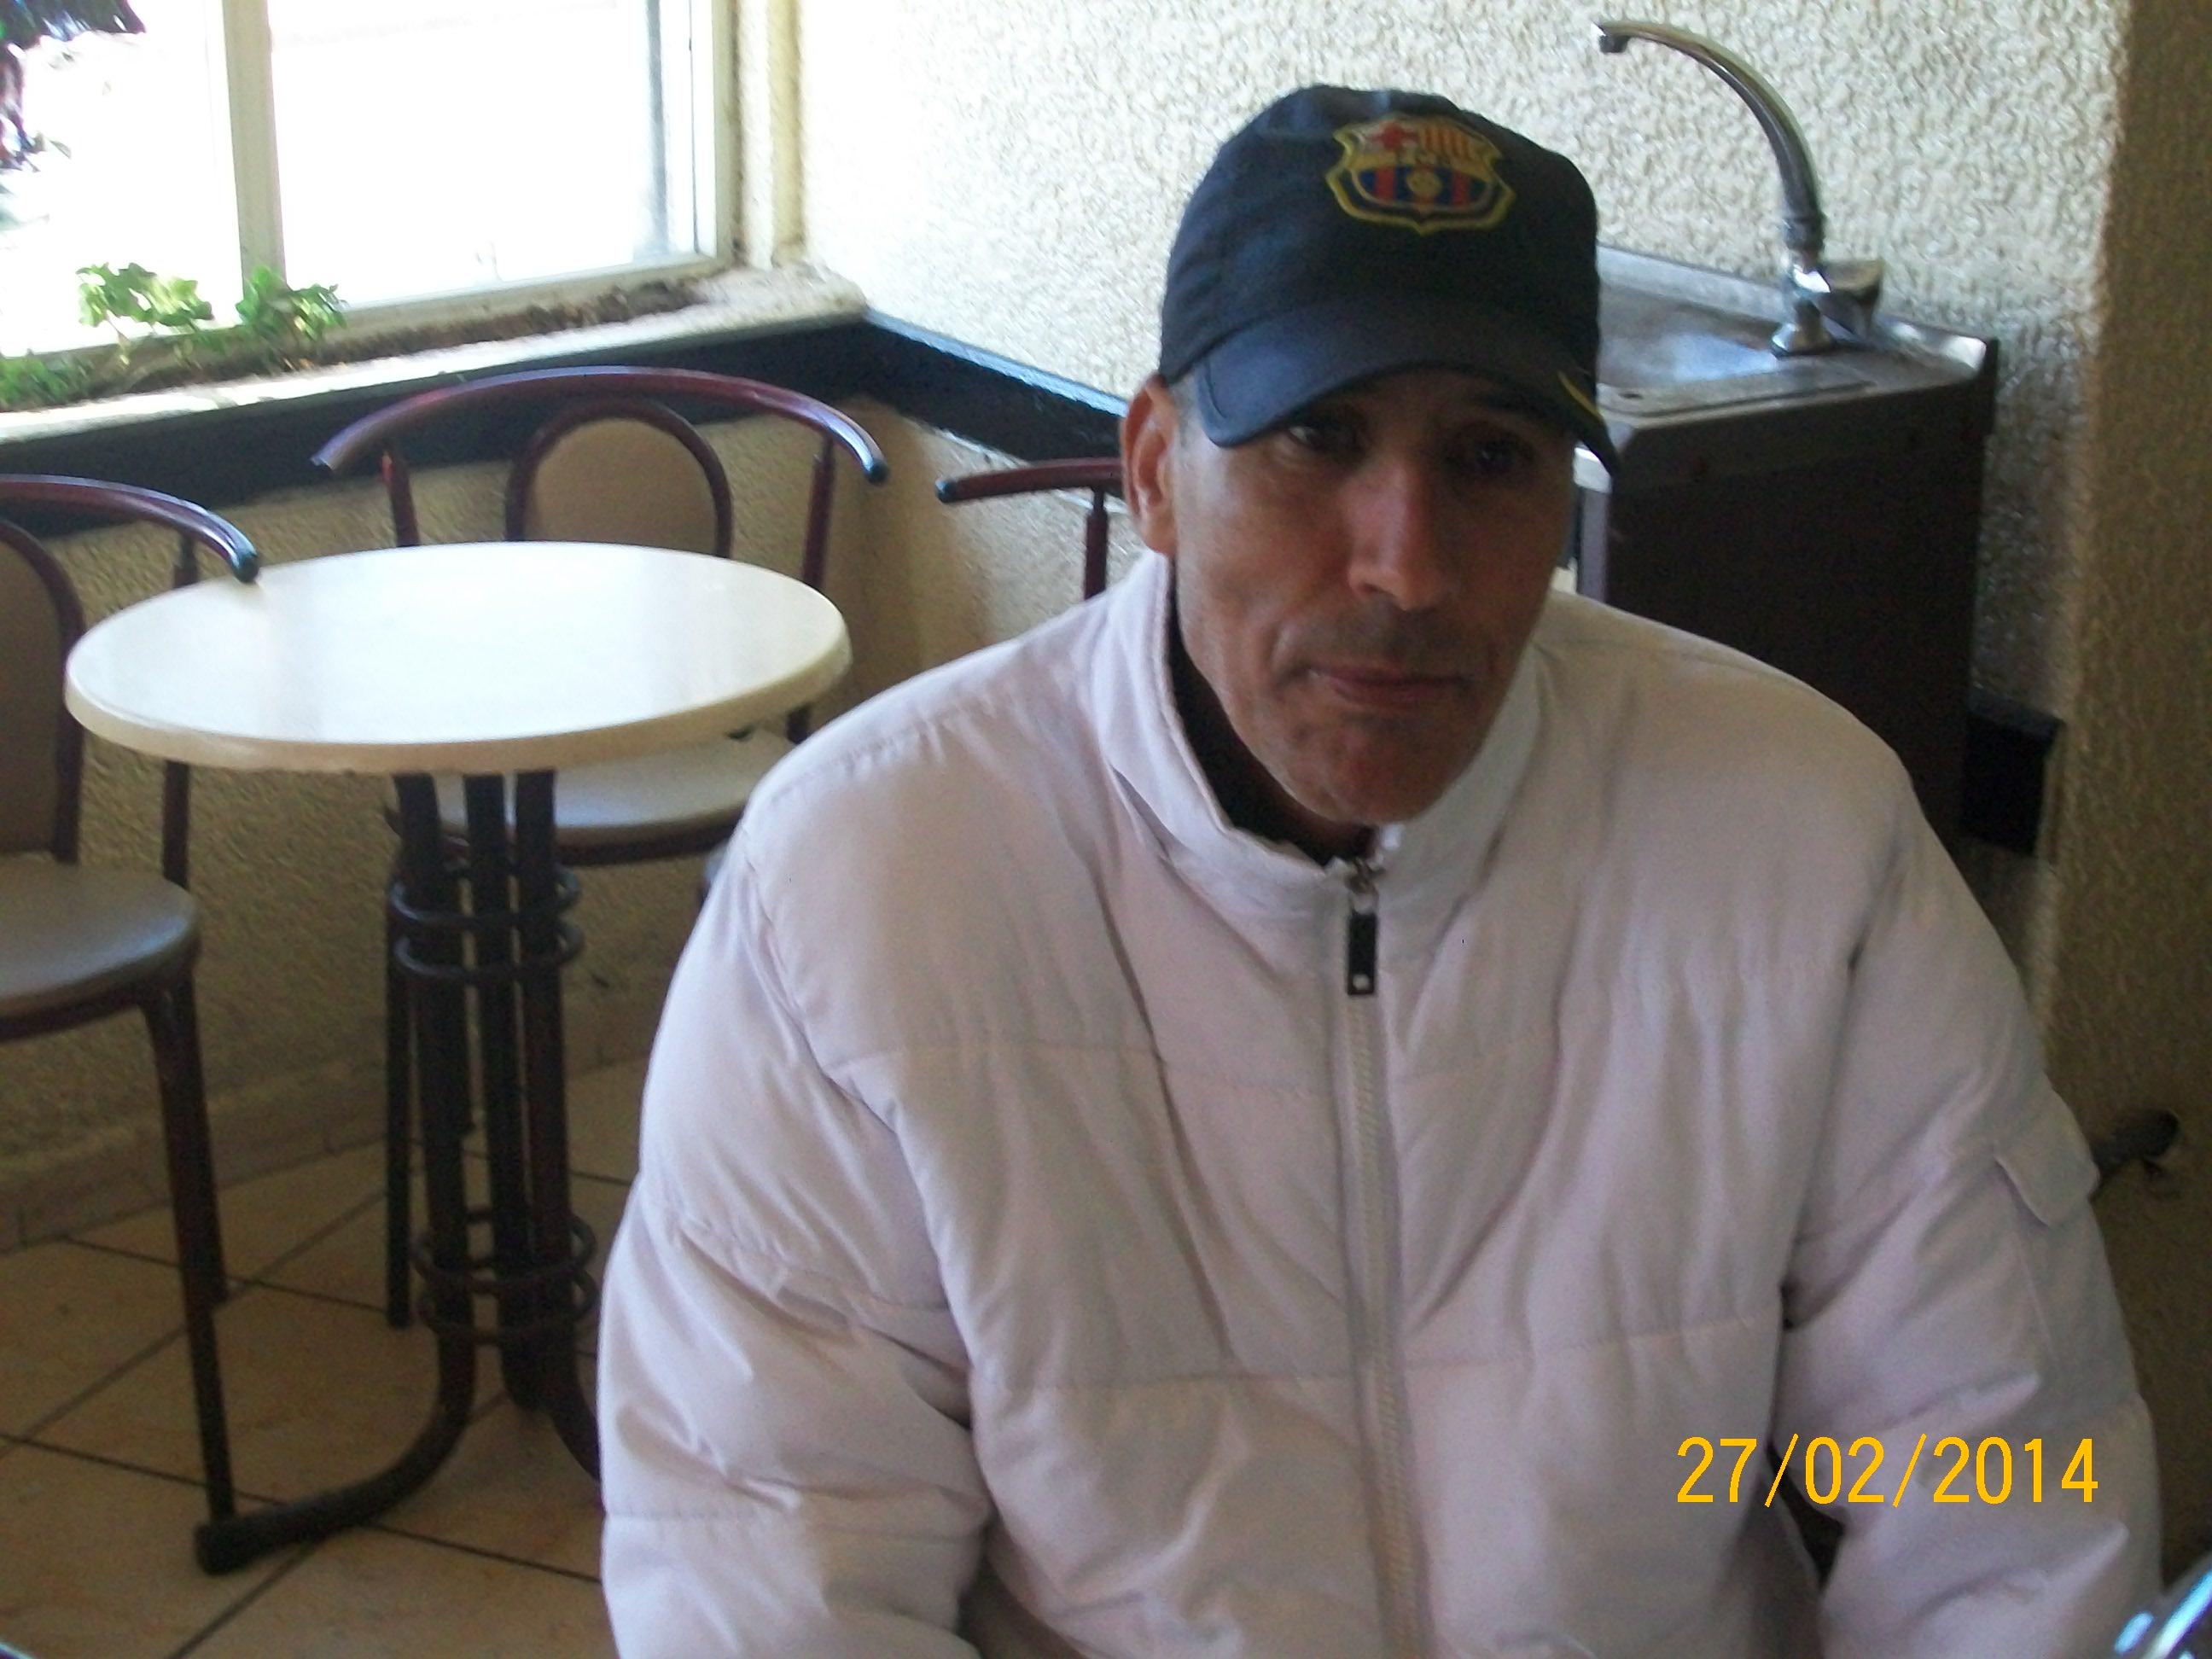 محمد برطال لاعب الدفاع الجديدي لكرة القدم في حوار مع دكالةميديا24